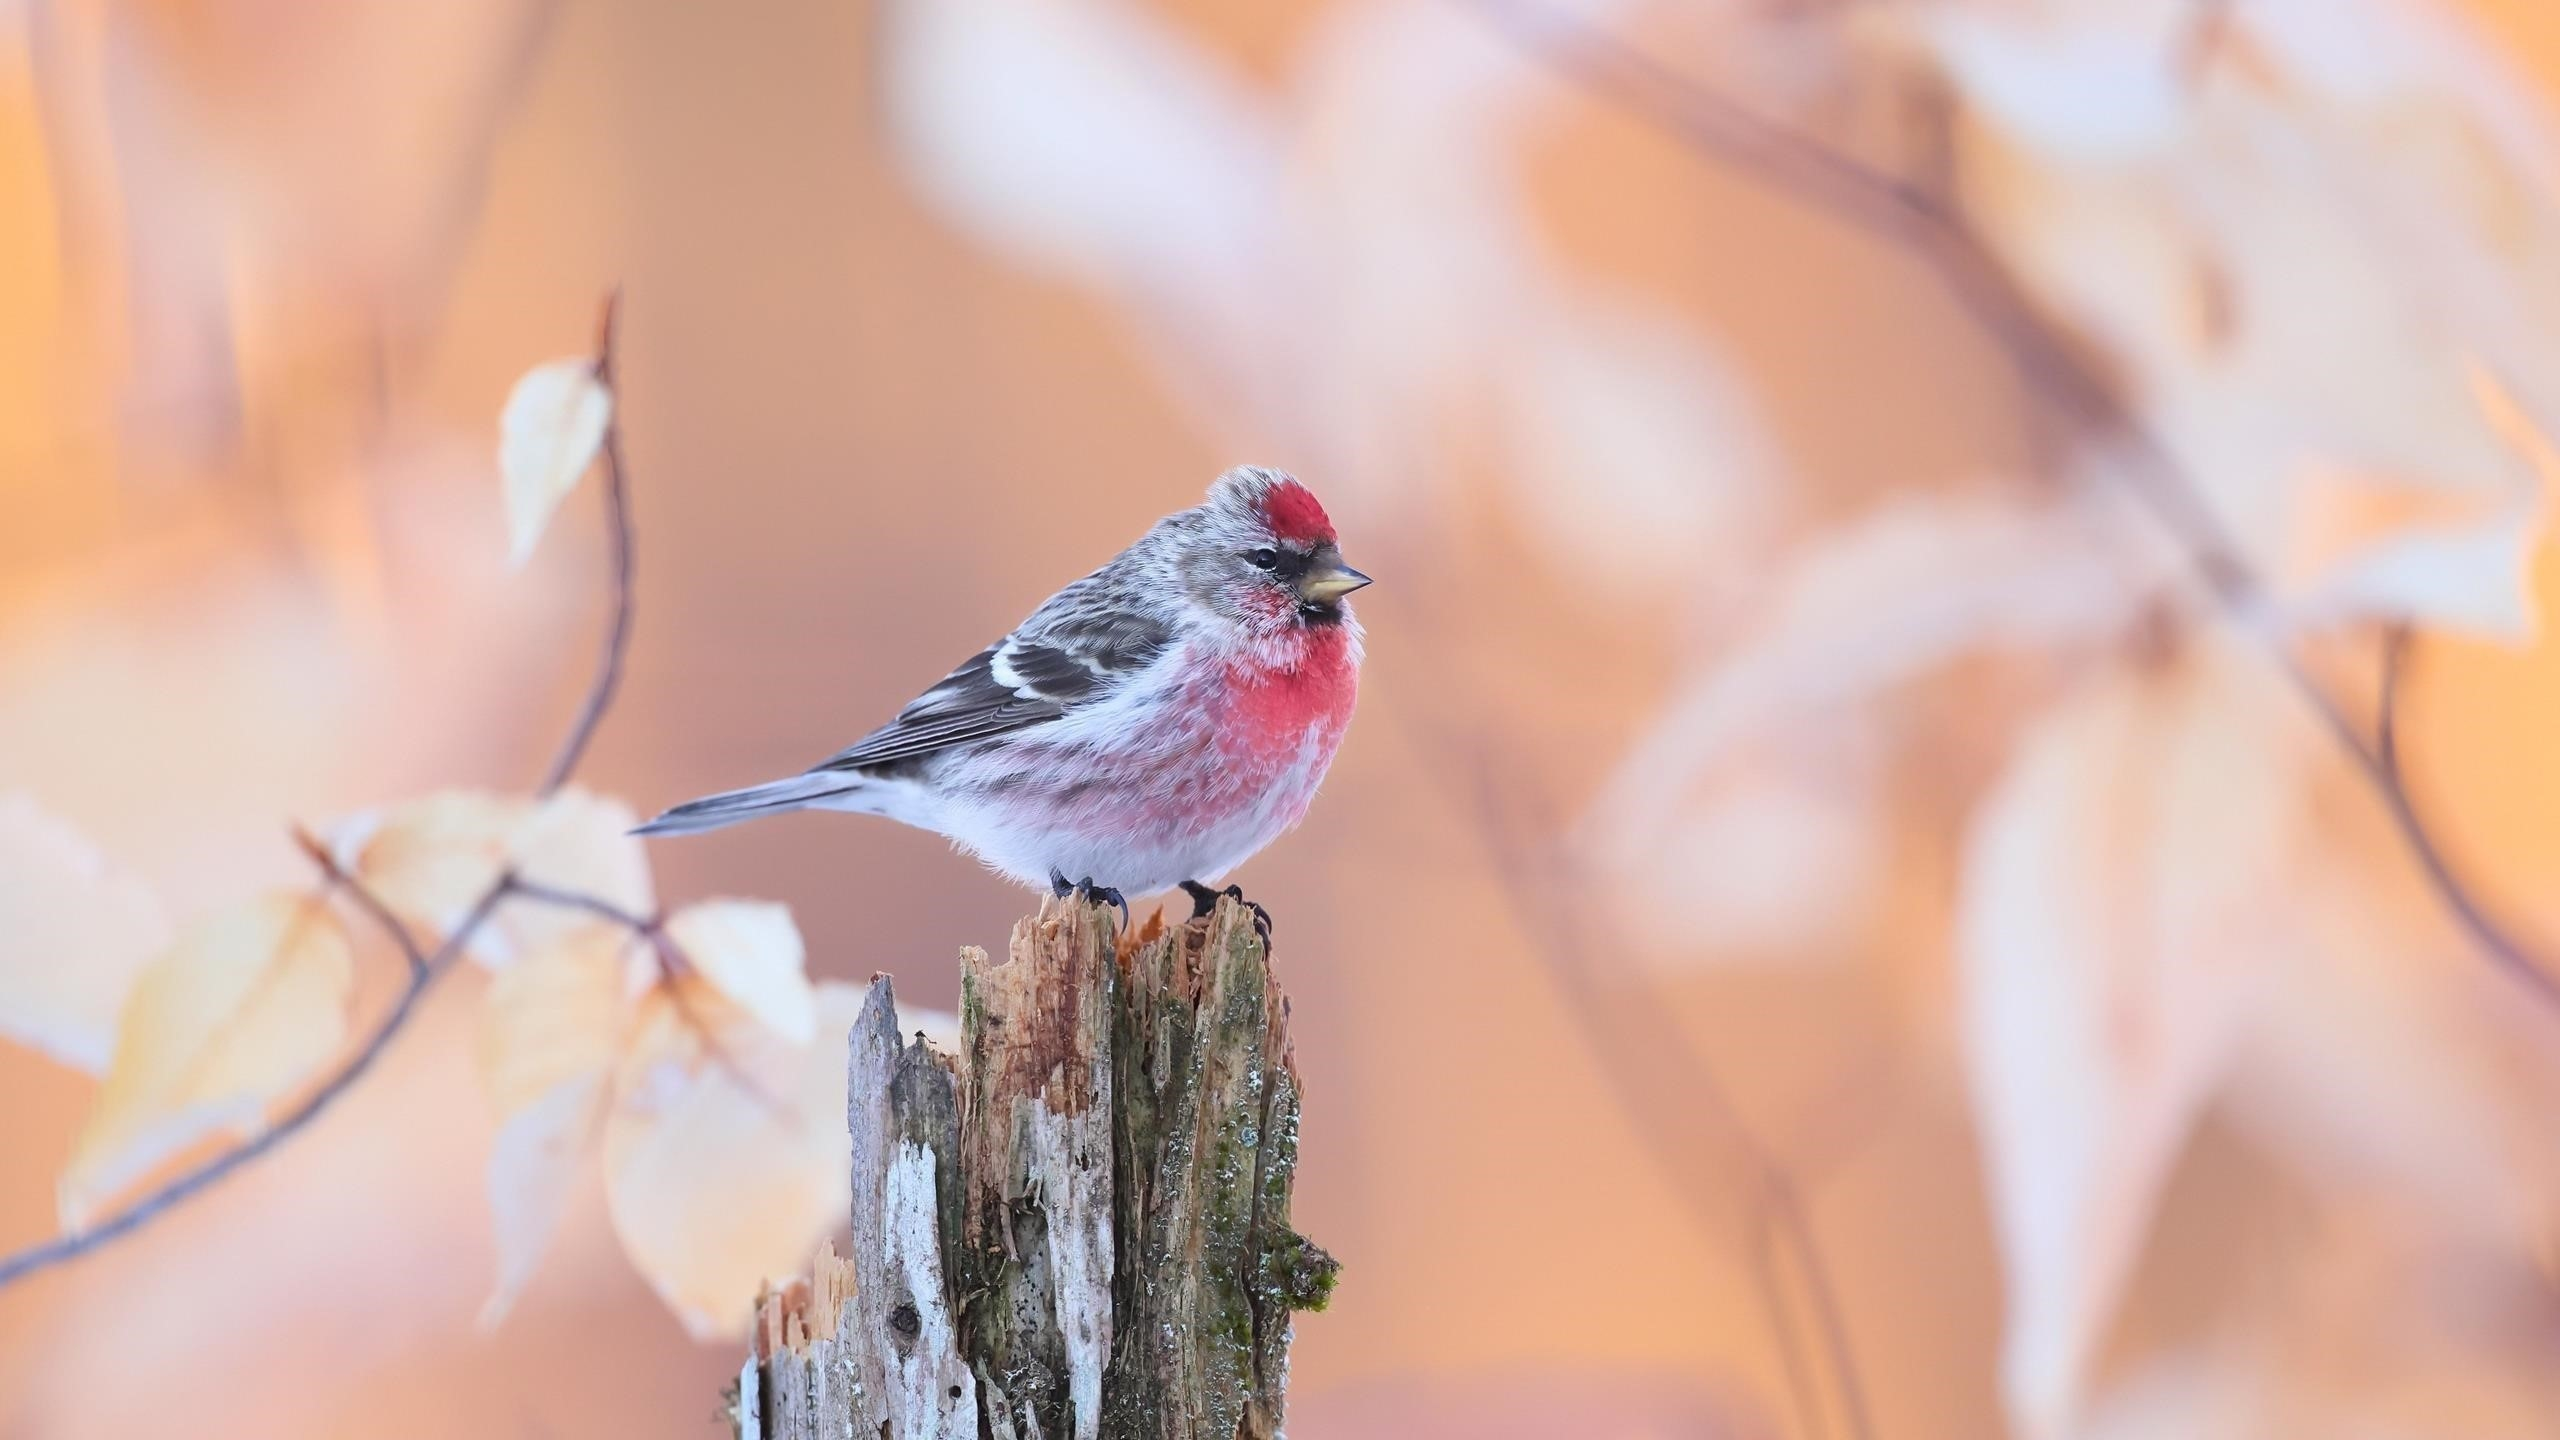 Белая черная красная обычная птица редполл стоит на стволе дерева в размытом фоне птицы обои скачать